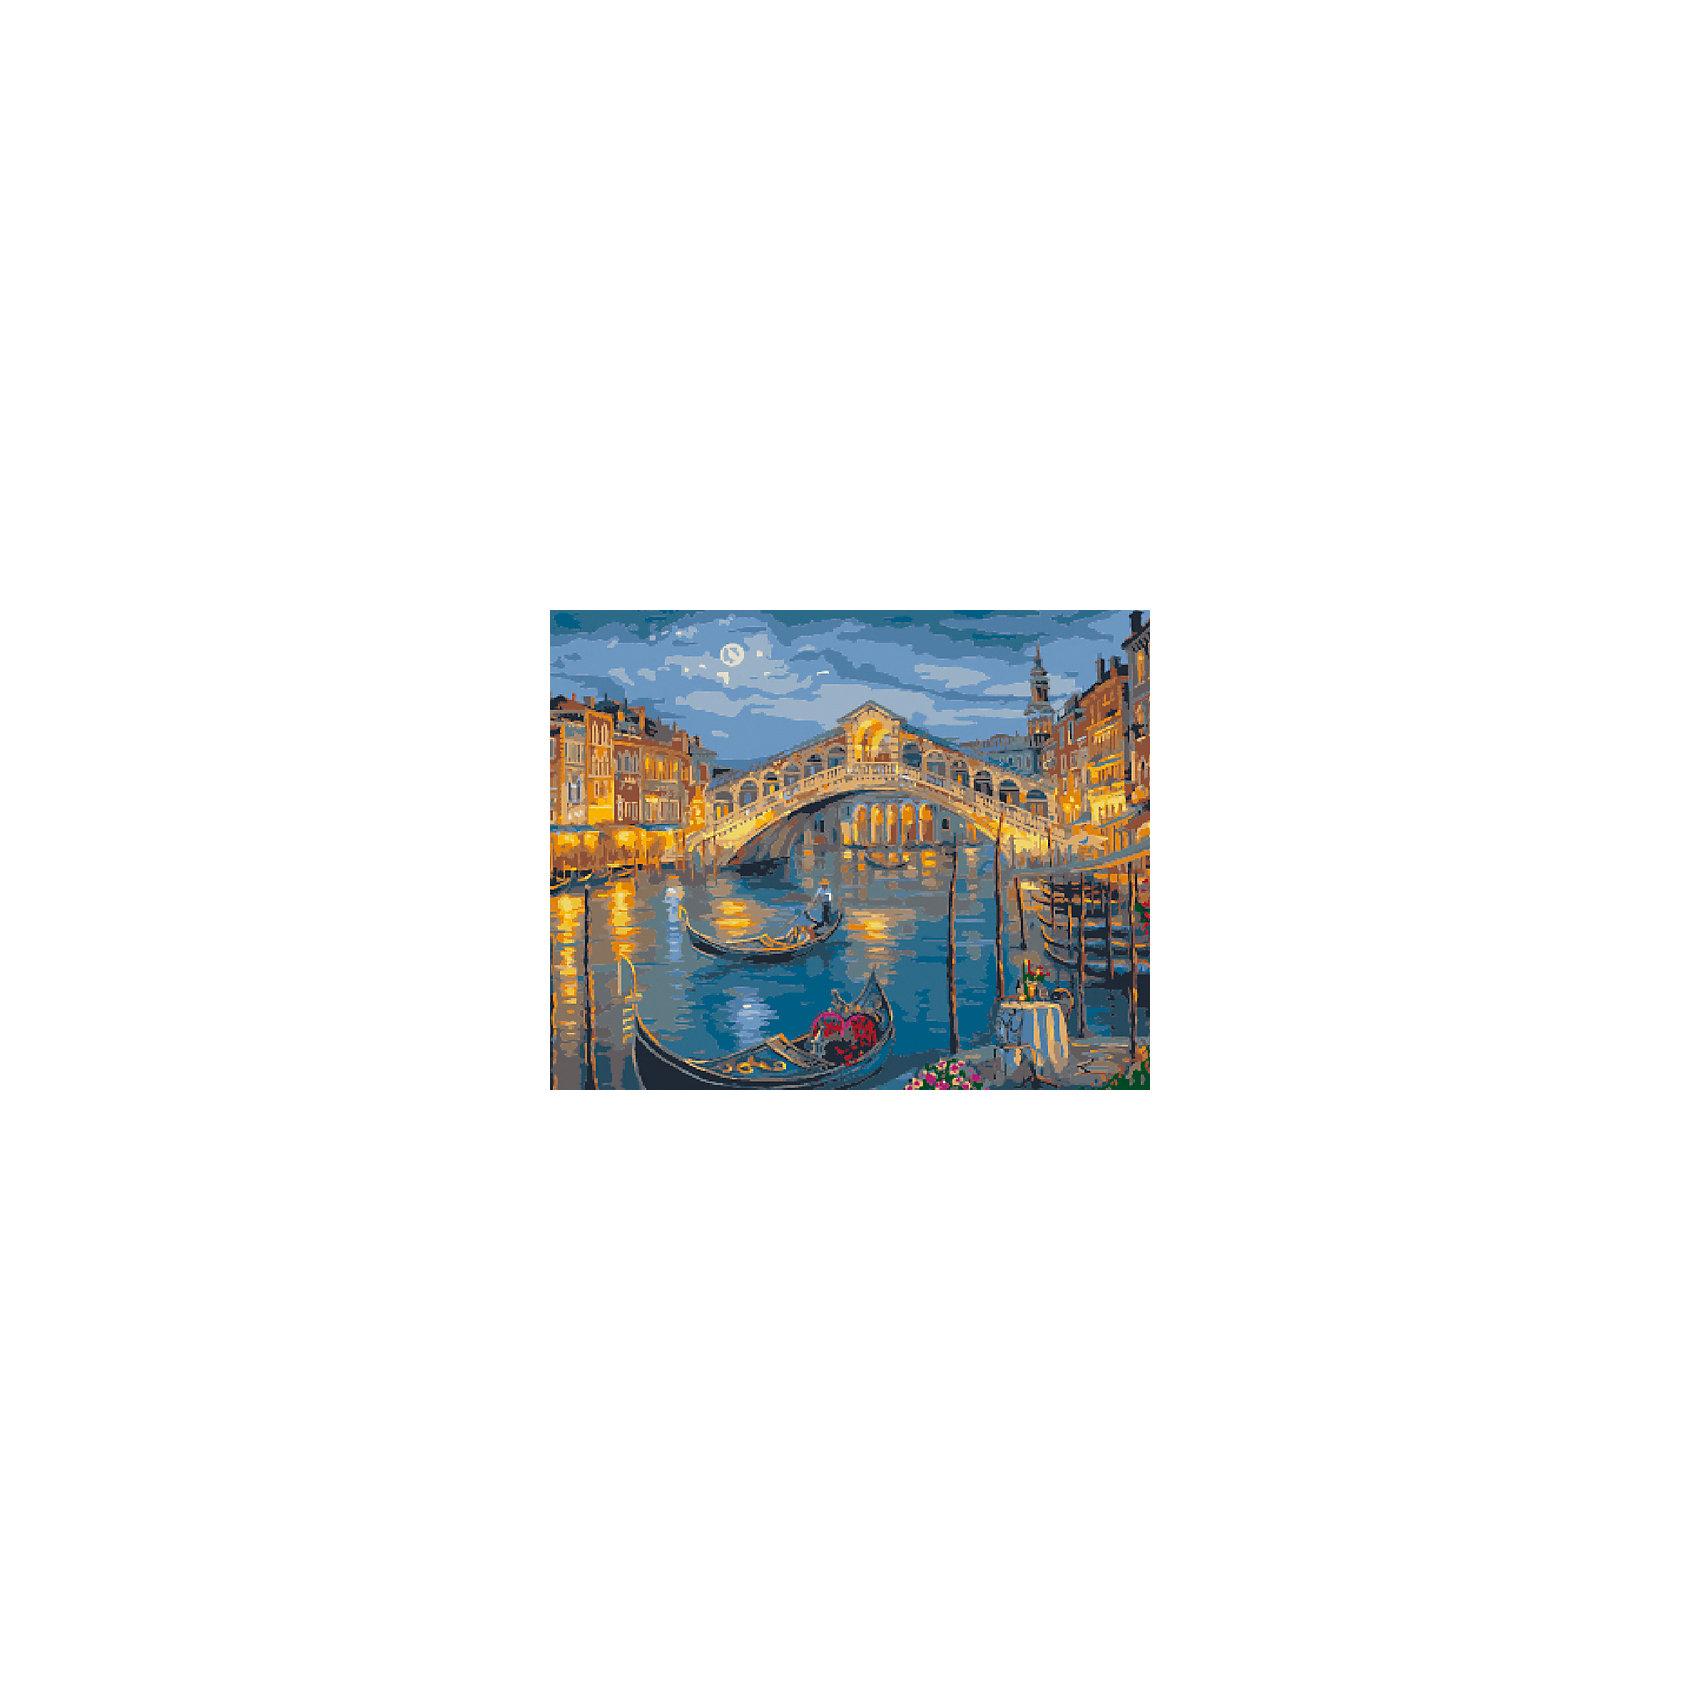 Холст с красками по номерам Венеция, мост Риальто 40х50 смРисование<br>замечательные наборы для создания уникального шедевра изобразительного искусства. Создание картин на специально подготовленной рабочей поверхности – это уникальная техника, позволяющая делать Ваши шедевры более яркими и реалистичными. Просто нанесите мазки на уже готовый эскиз и оживите картину! Готовые изделия могут стать украшением интерьера или прекрасным подарком близким и друзьям.<br><br>Ширина мм: 510<br>Глубина мм: 410<br>Высота мм: 25<br>Вес г: 900<br>Возраст от месяцев: 36<br>Возраст до месяцев: 108<br>Пол: Унисекс<br>Возраст: Детский<br>SKU: 5096755